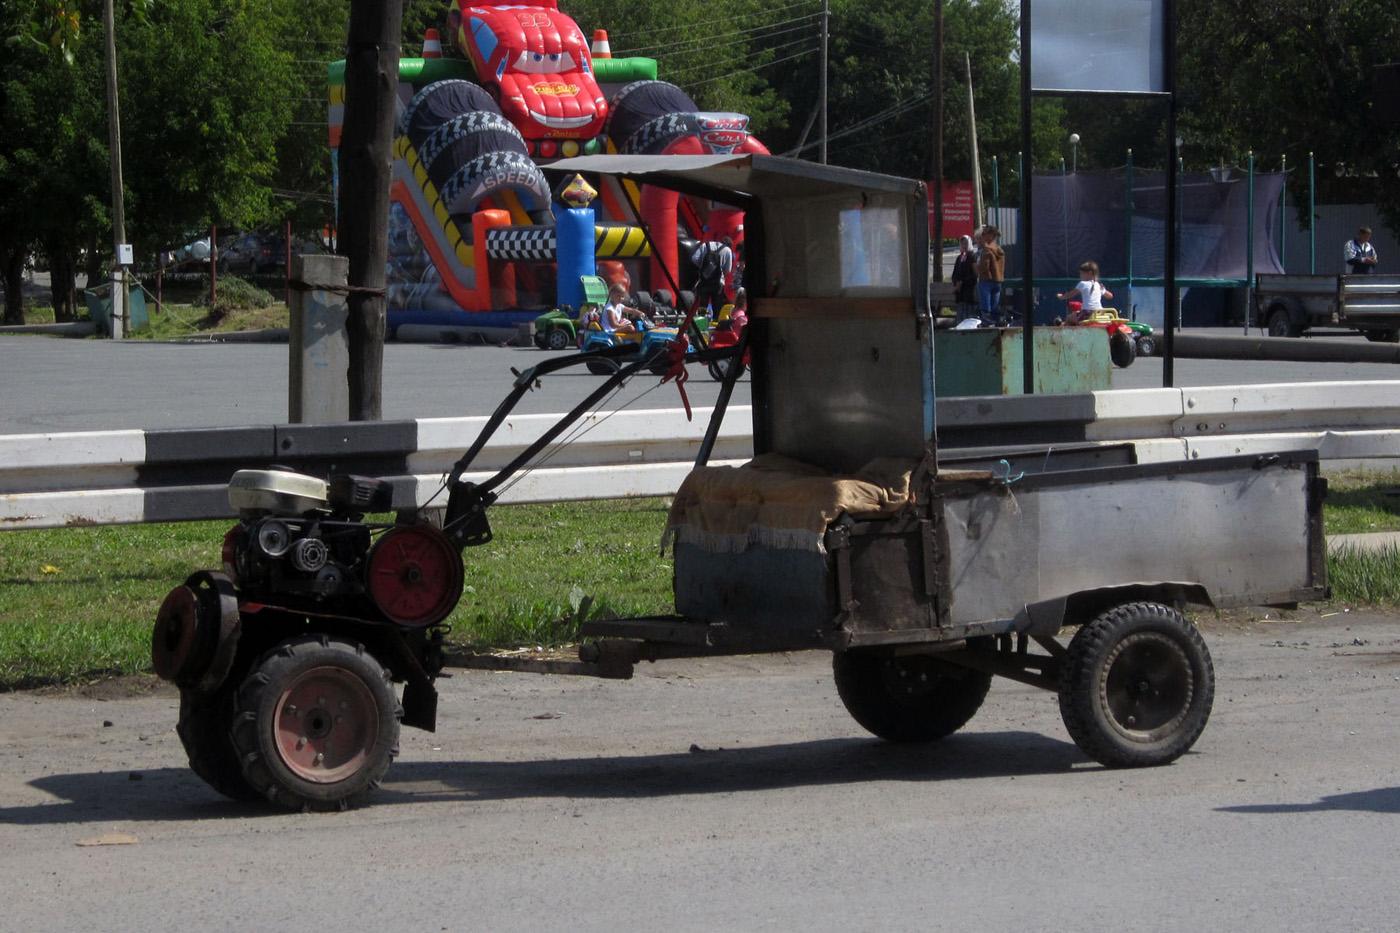 Мотоблок Lifan с прицепом . Свердловская область, Талица, улица Васильева